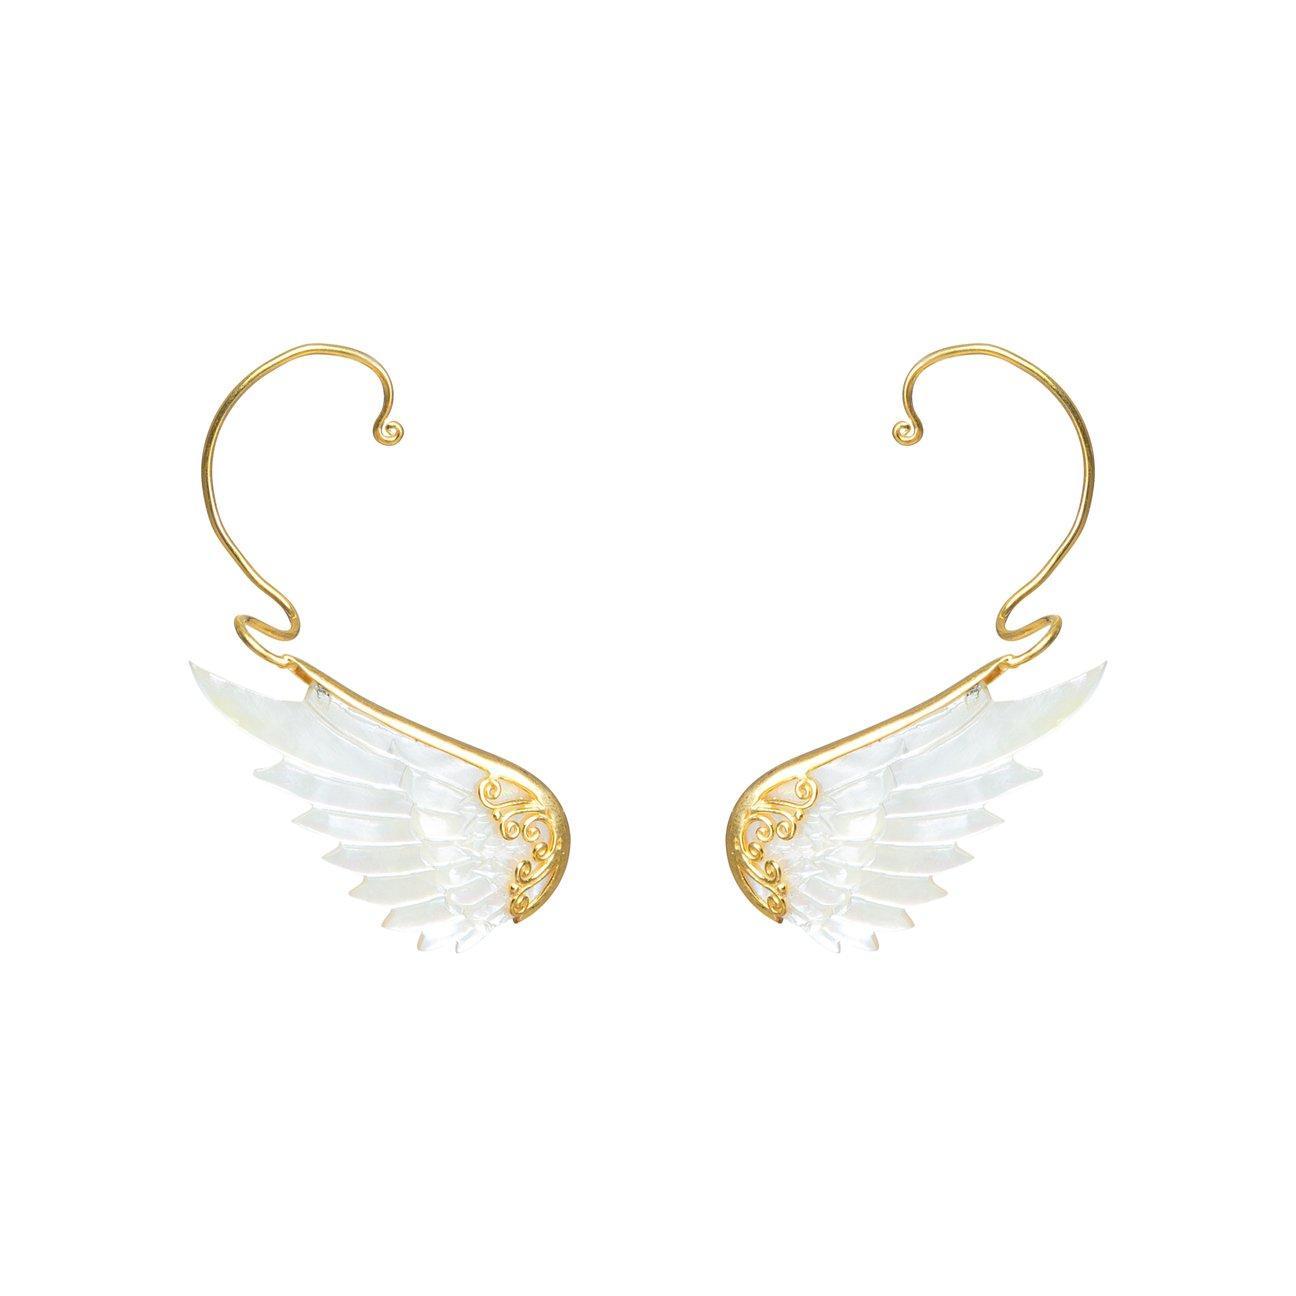 Smykker med mening - engleøreringe - earcuffs